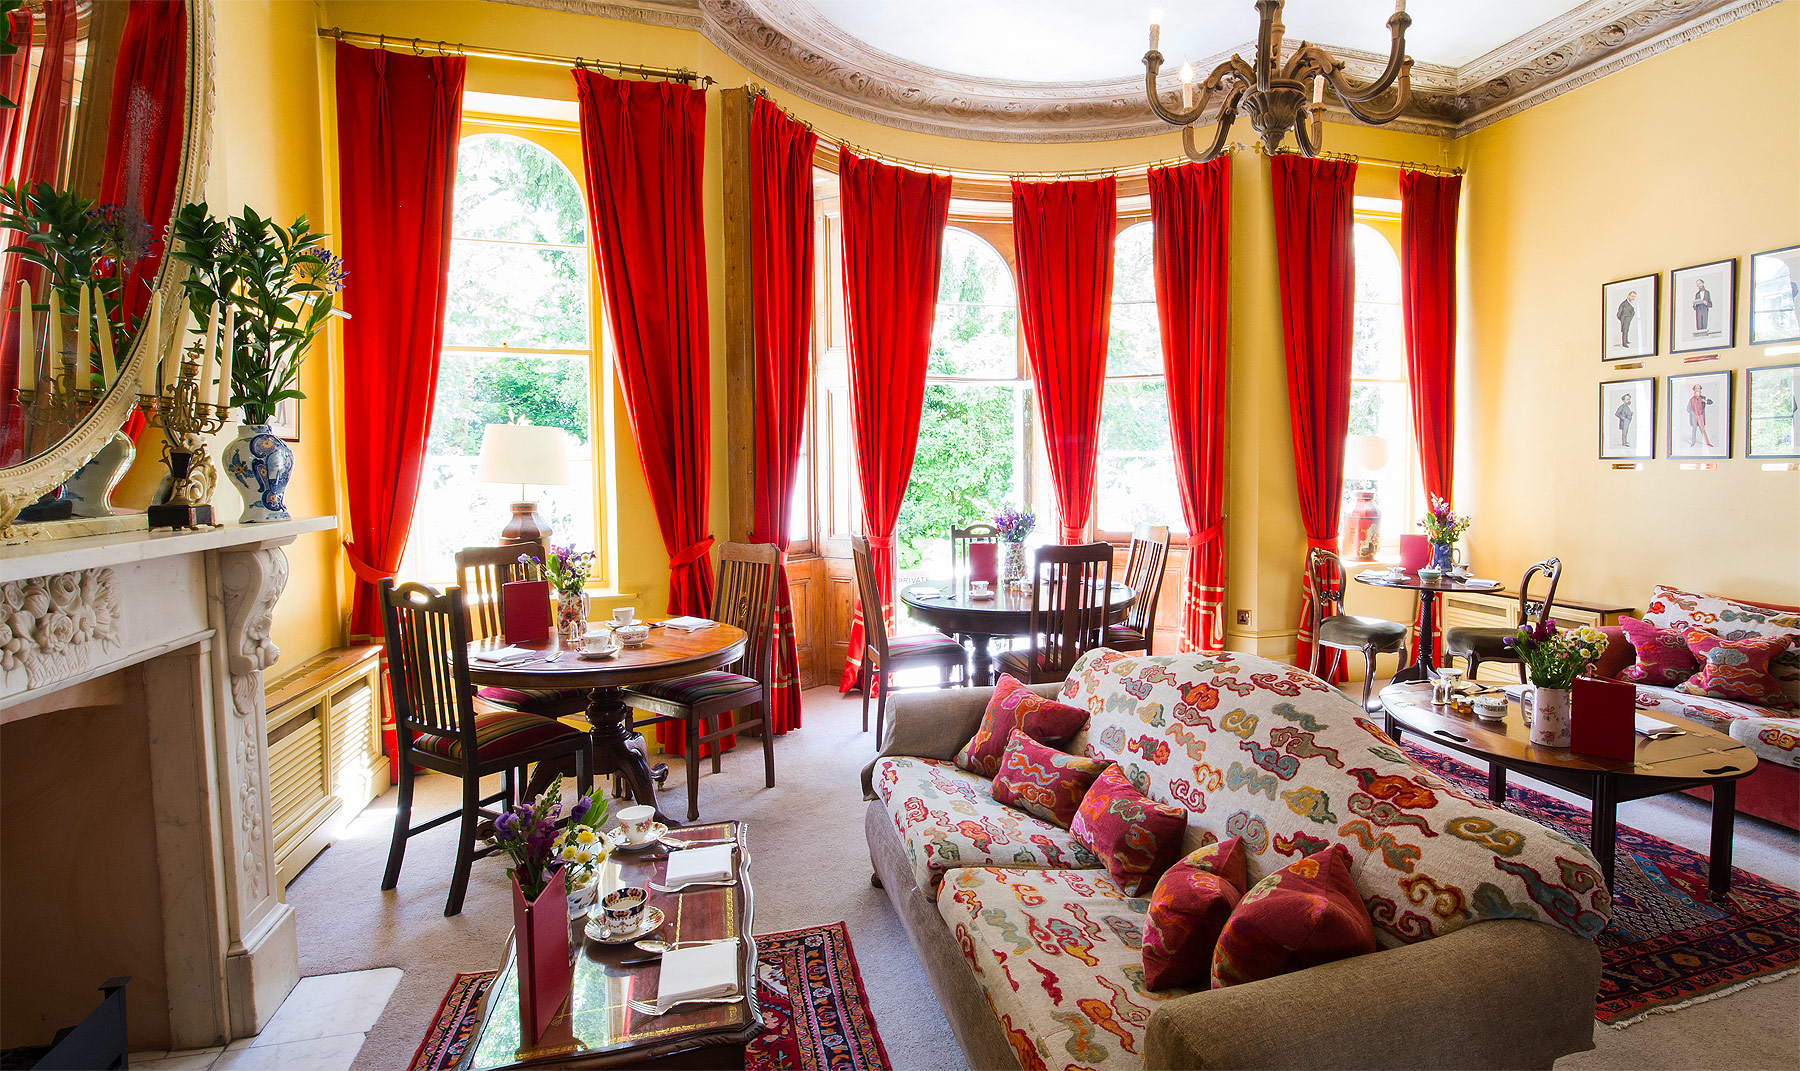 The Portobello Hotel's Drawing Room